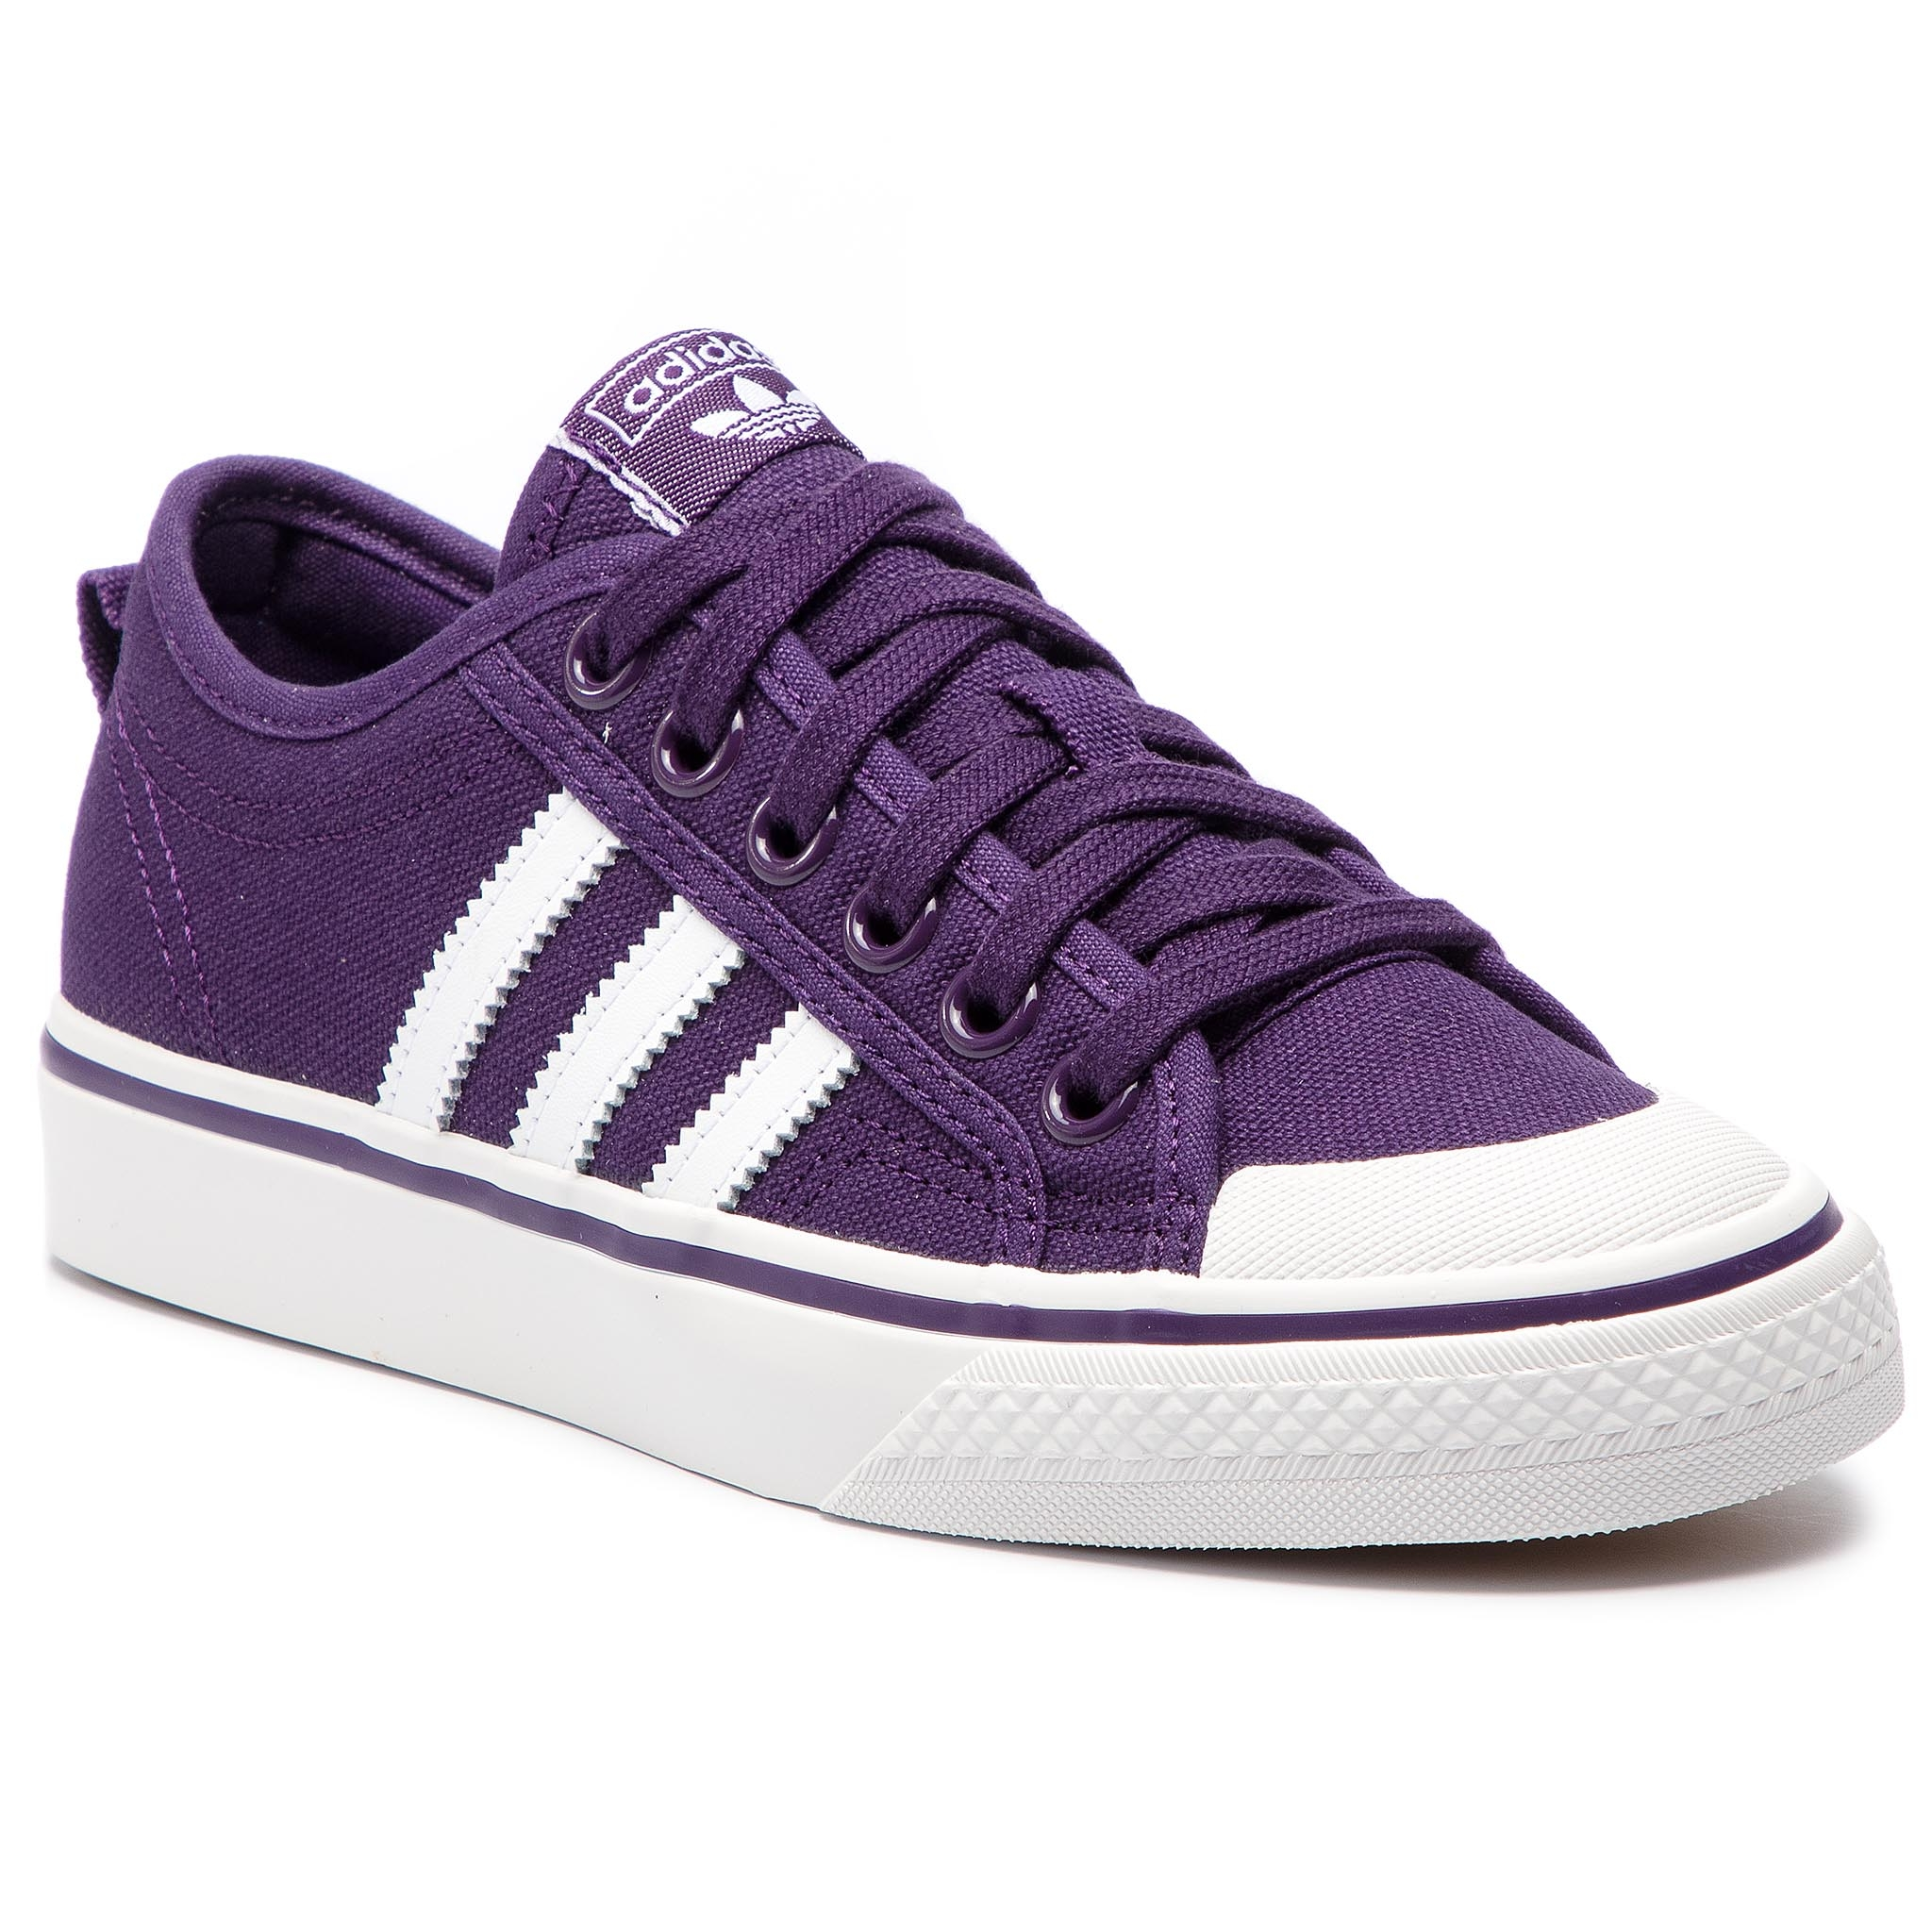 Schuhe adidas Cosmic 2 DB1760 FtwwhtSilvmtCrywht für